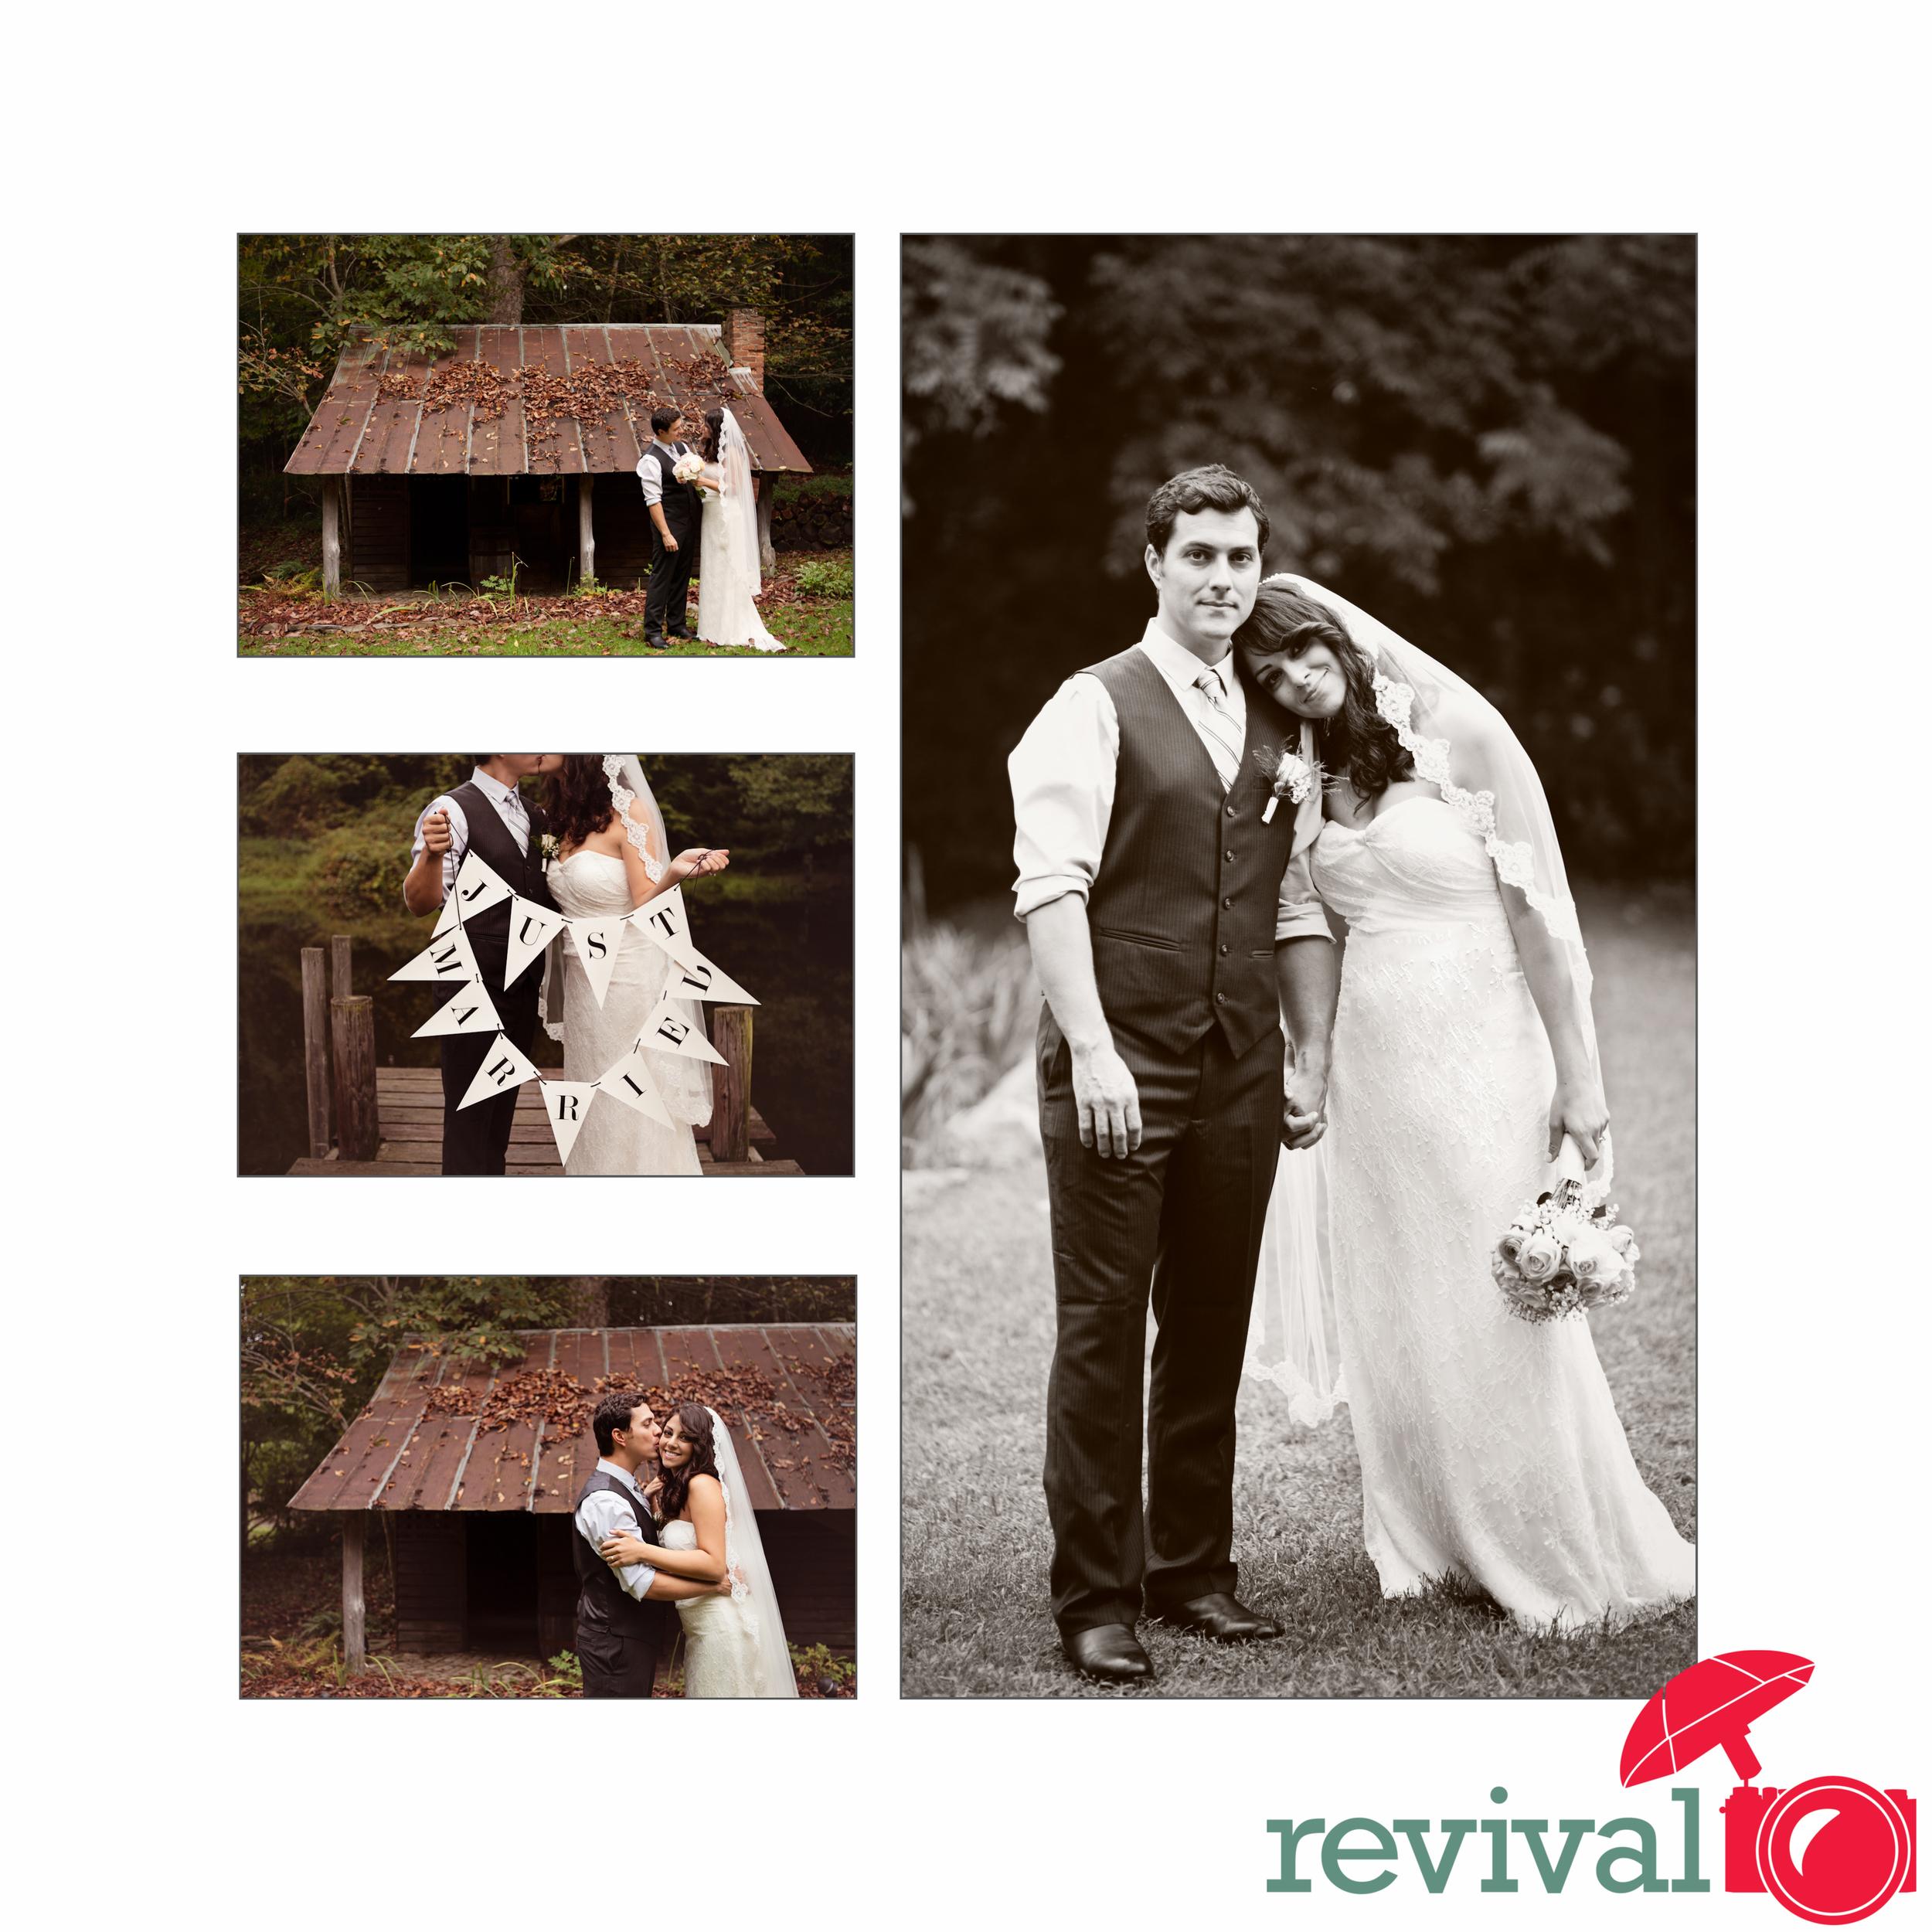 Weddings at The Mast Farm Inn Photography by Revival Photography Elopements at The Mast Farm Inn